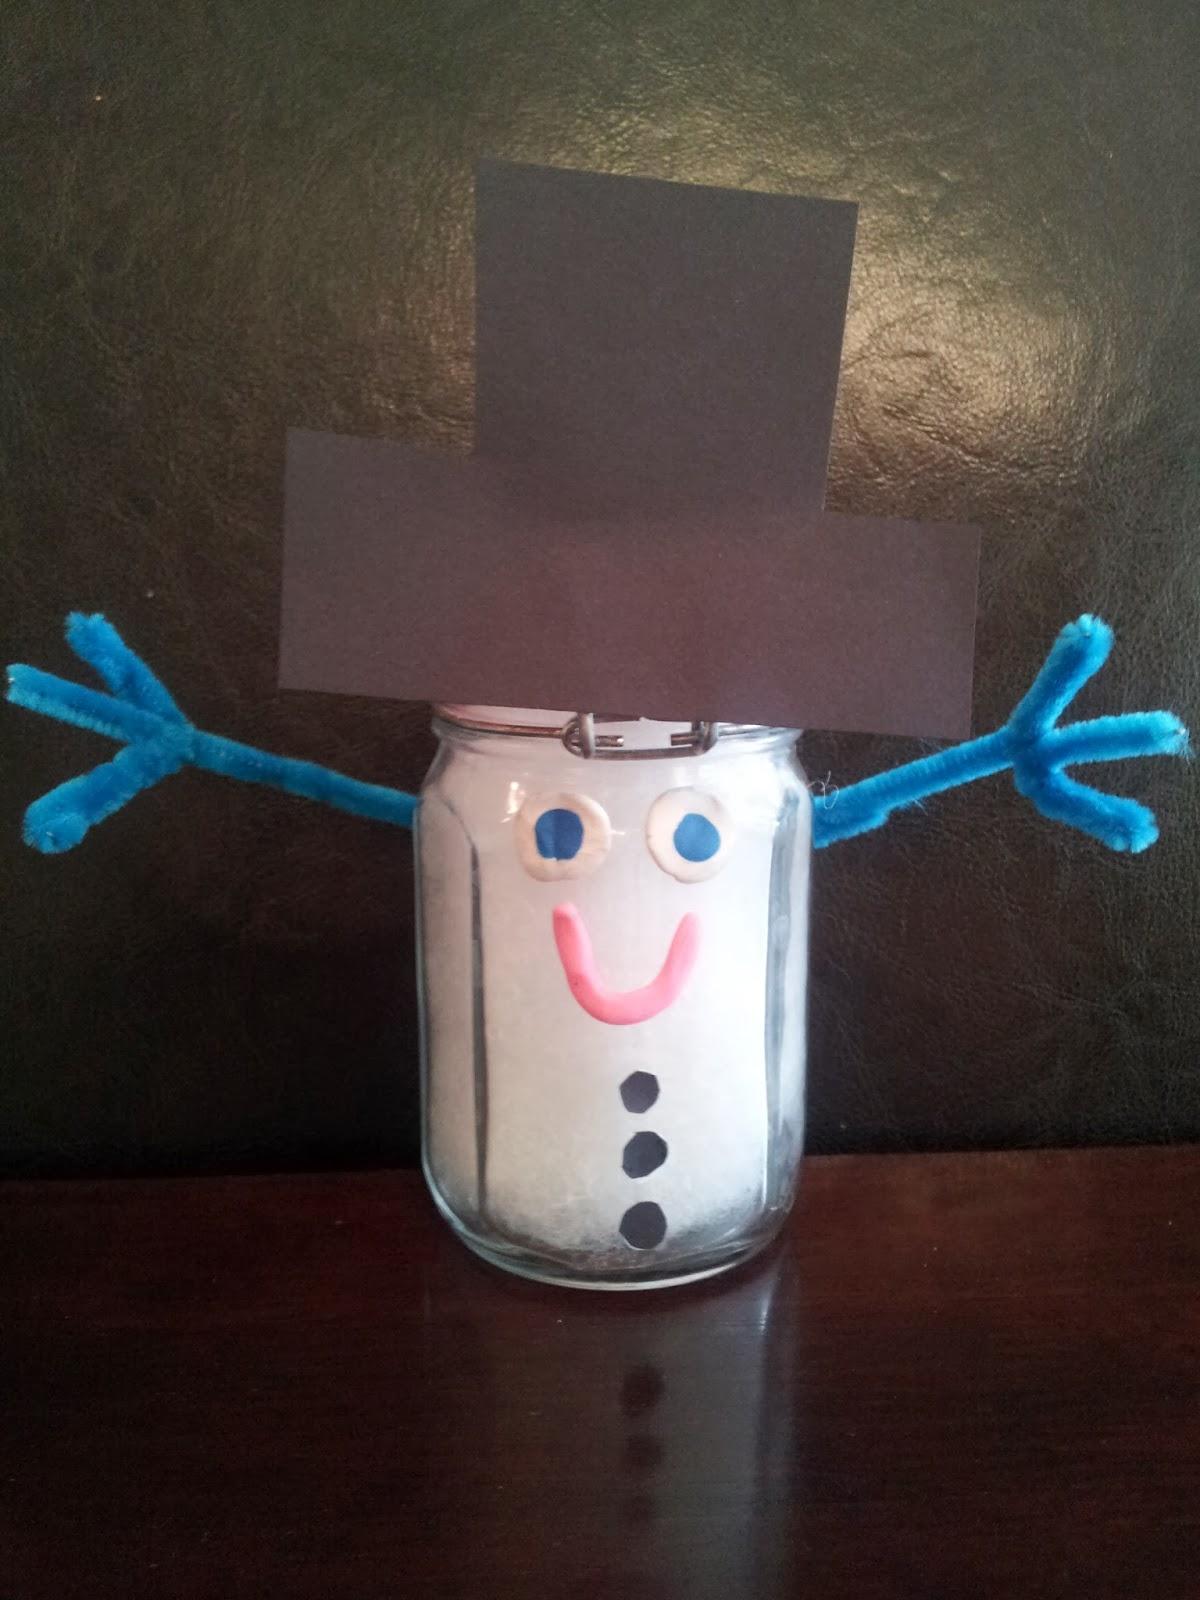 Glass Jar Snowman Craft, Christmas crafts, crafts, kids crafts